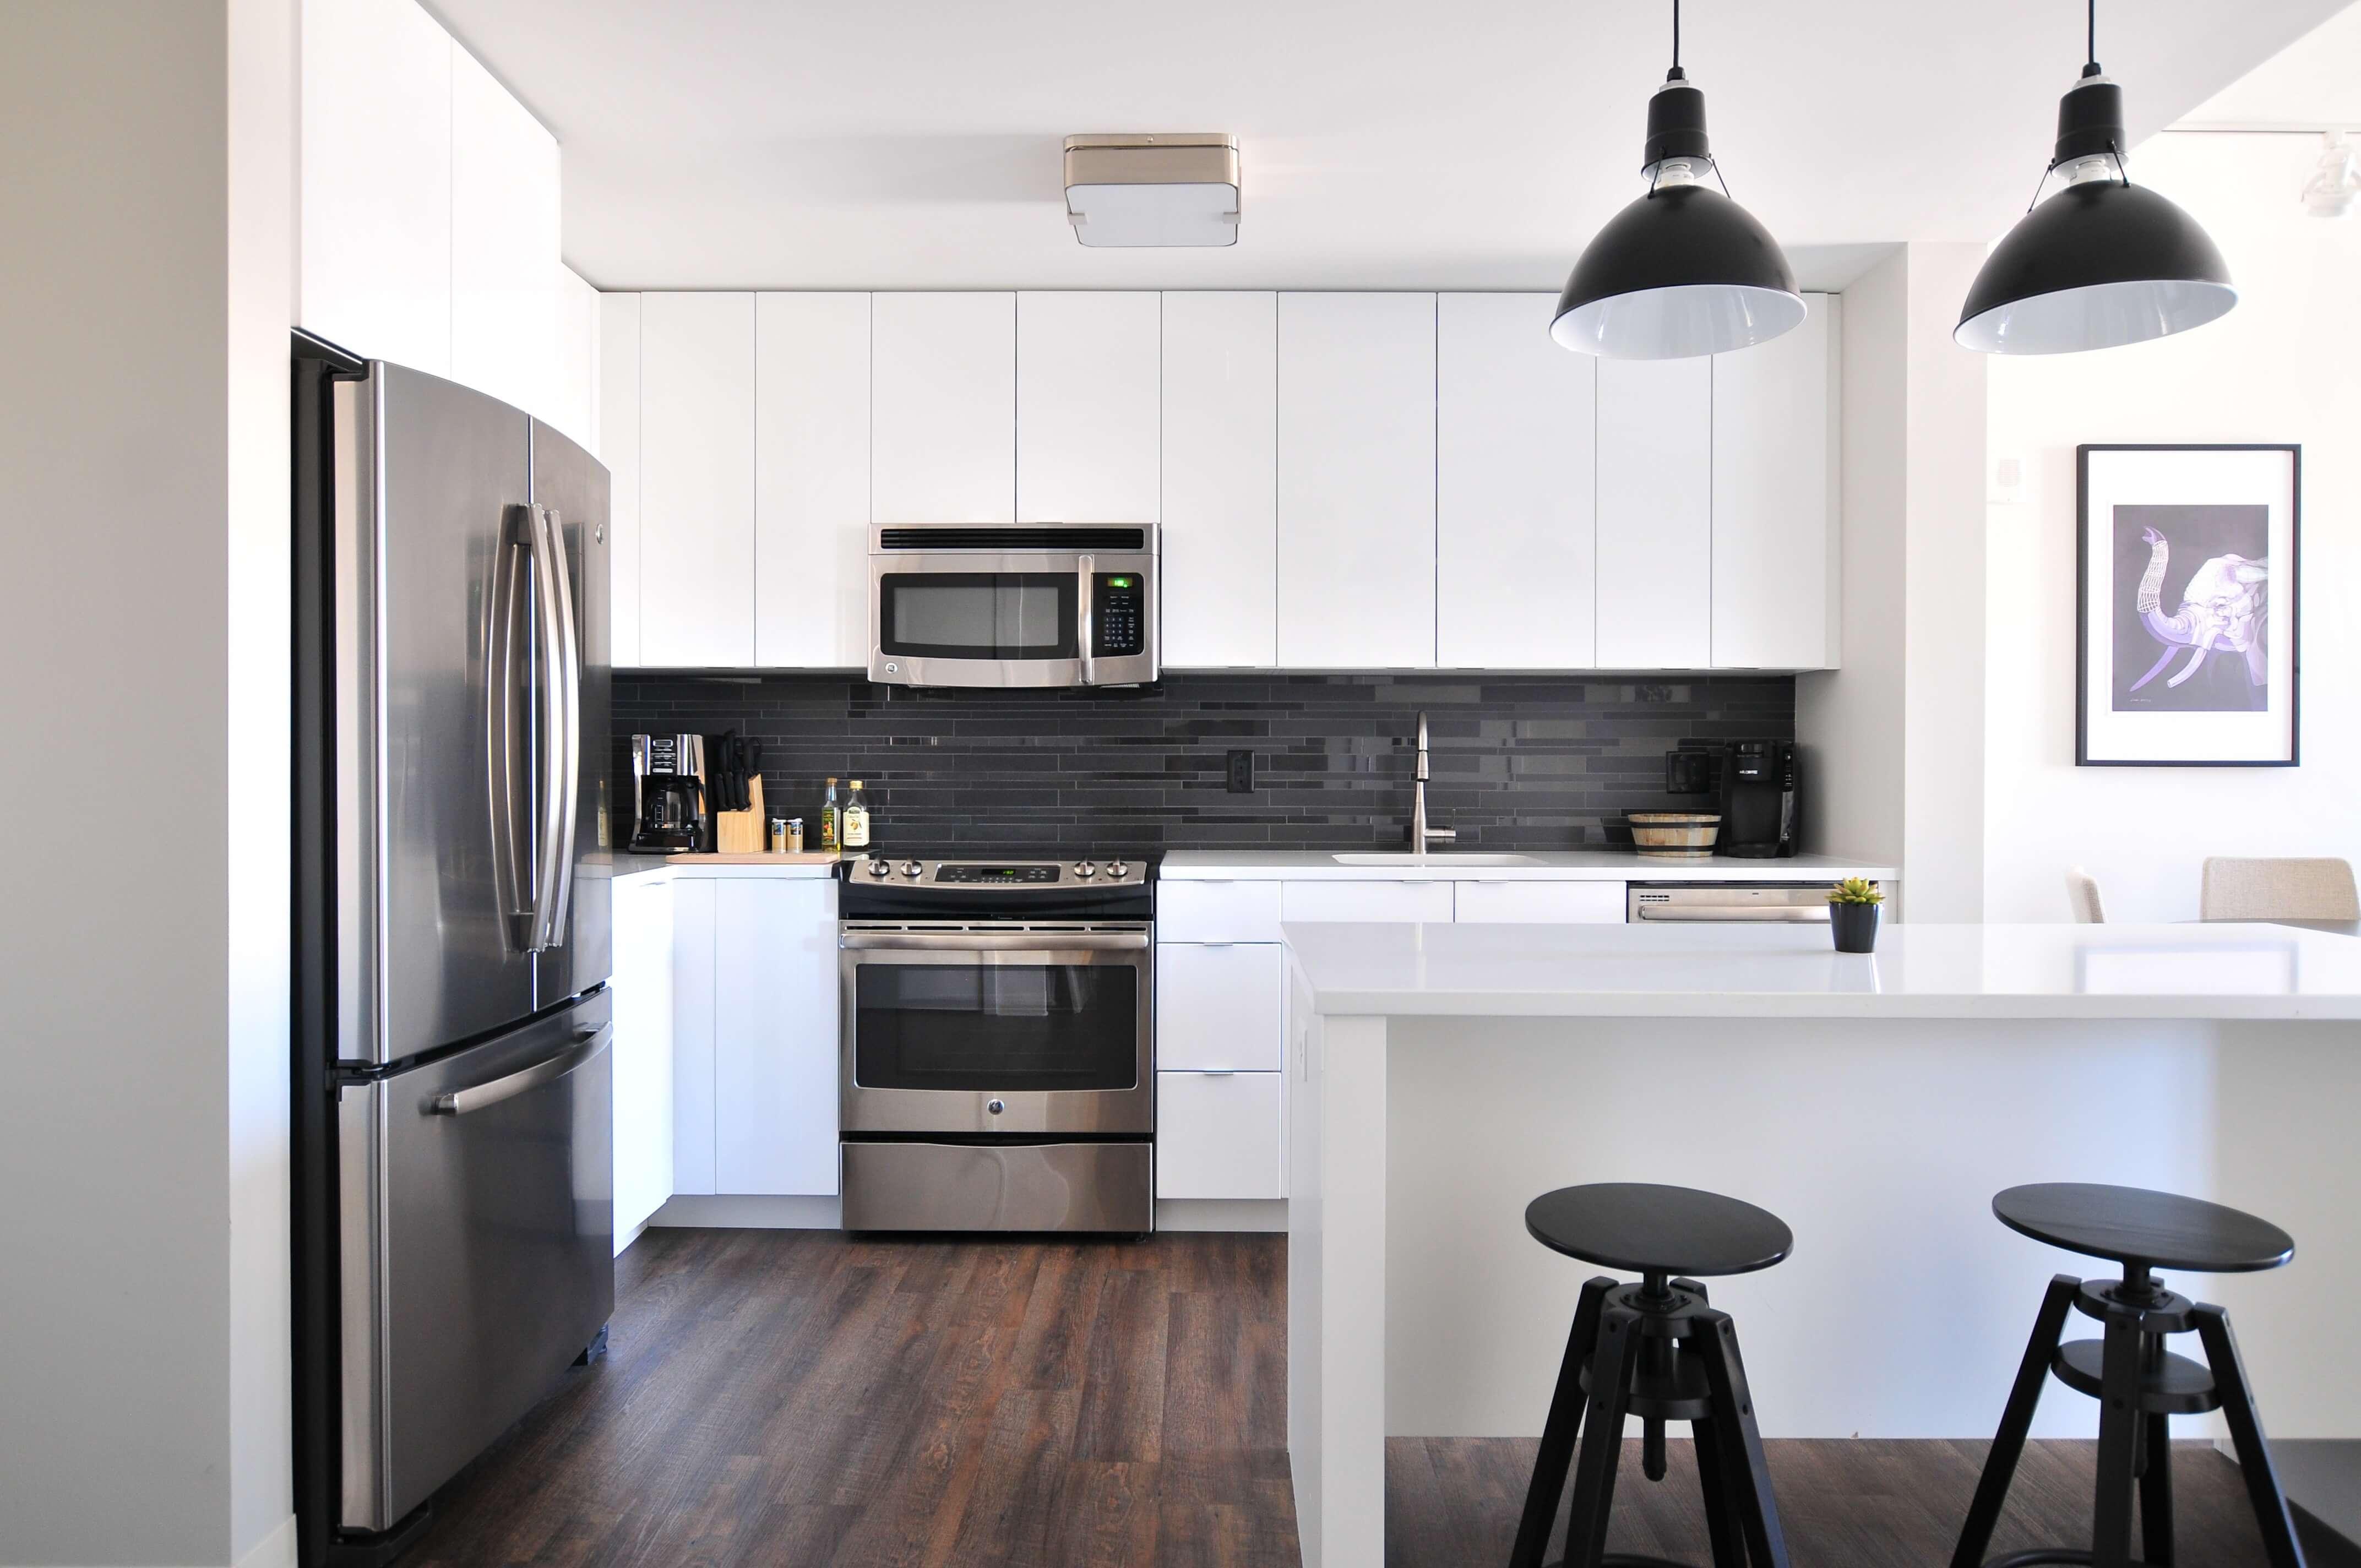 Comment bien nettoyer sa cuisine ? cuisine ouverte moderne blanche